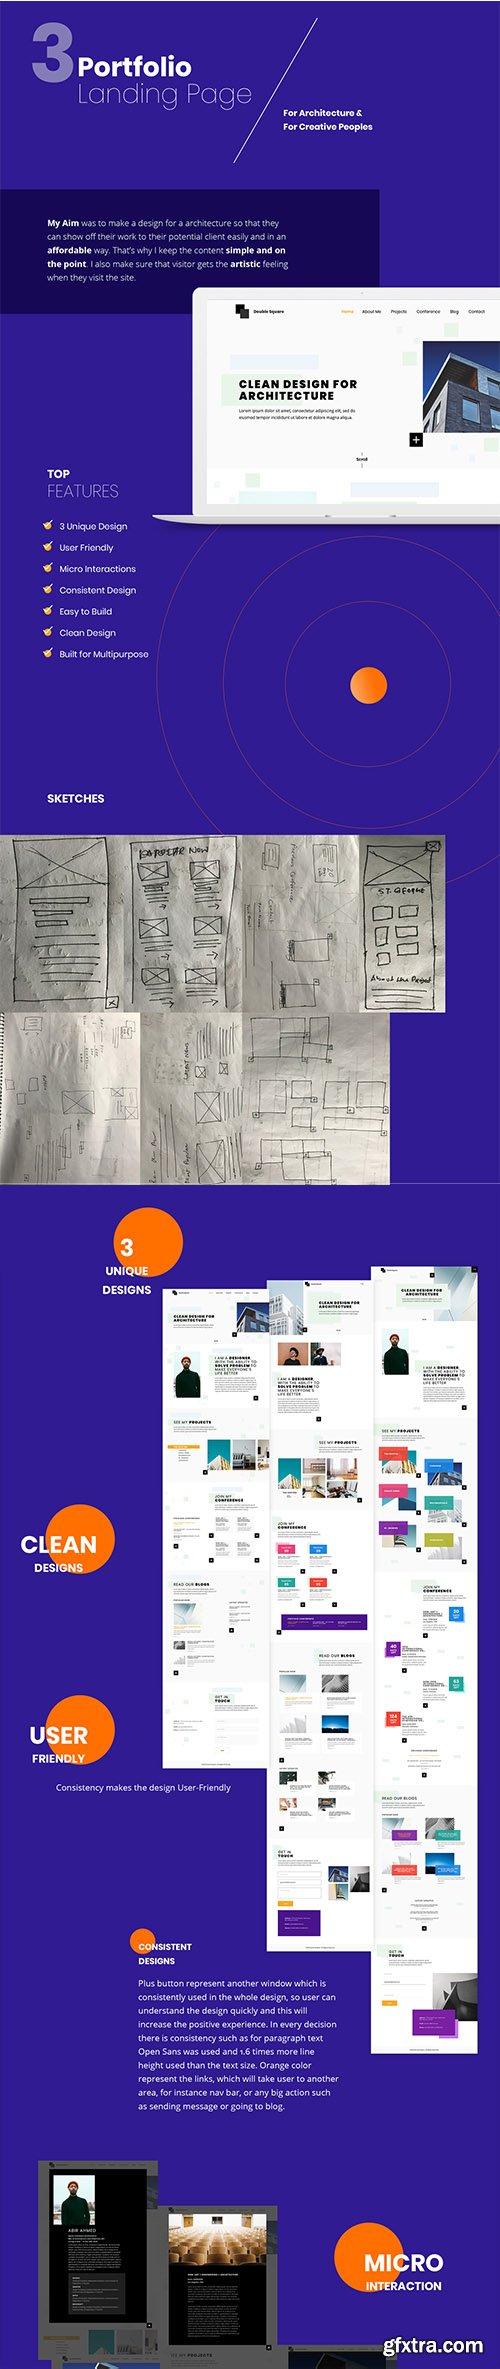 Portfolio Landing Pages